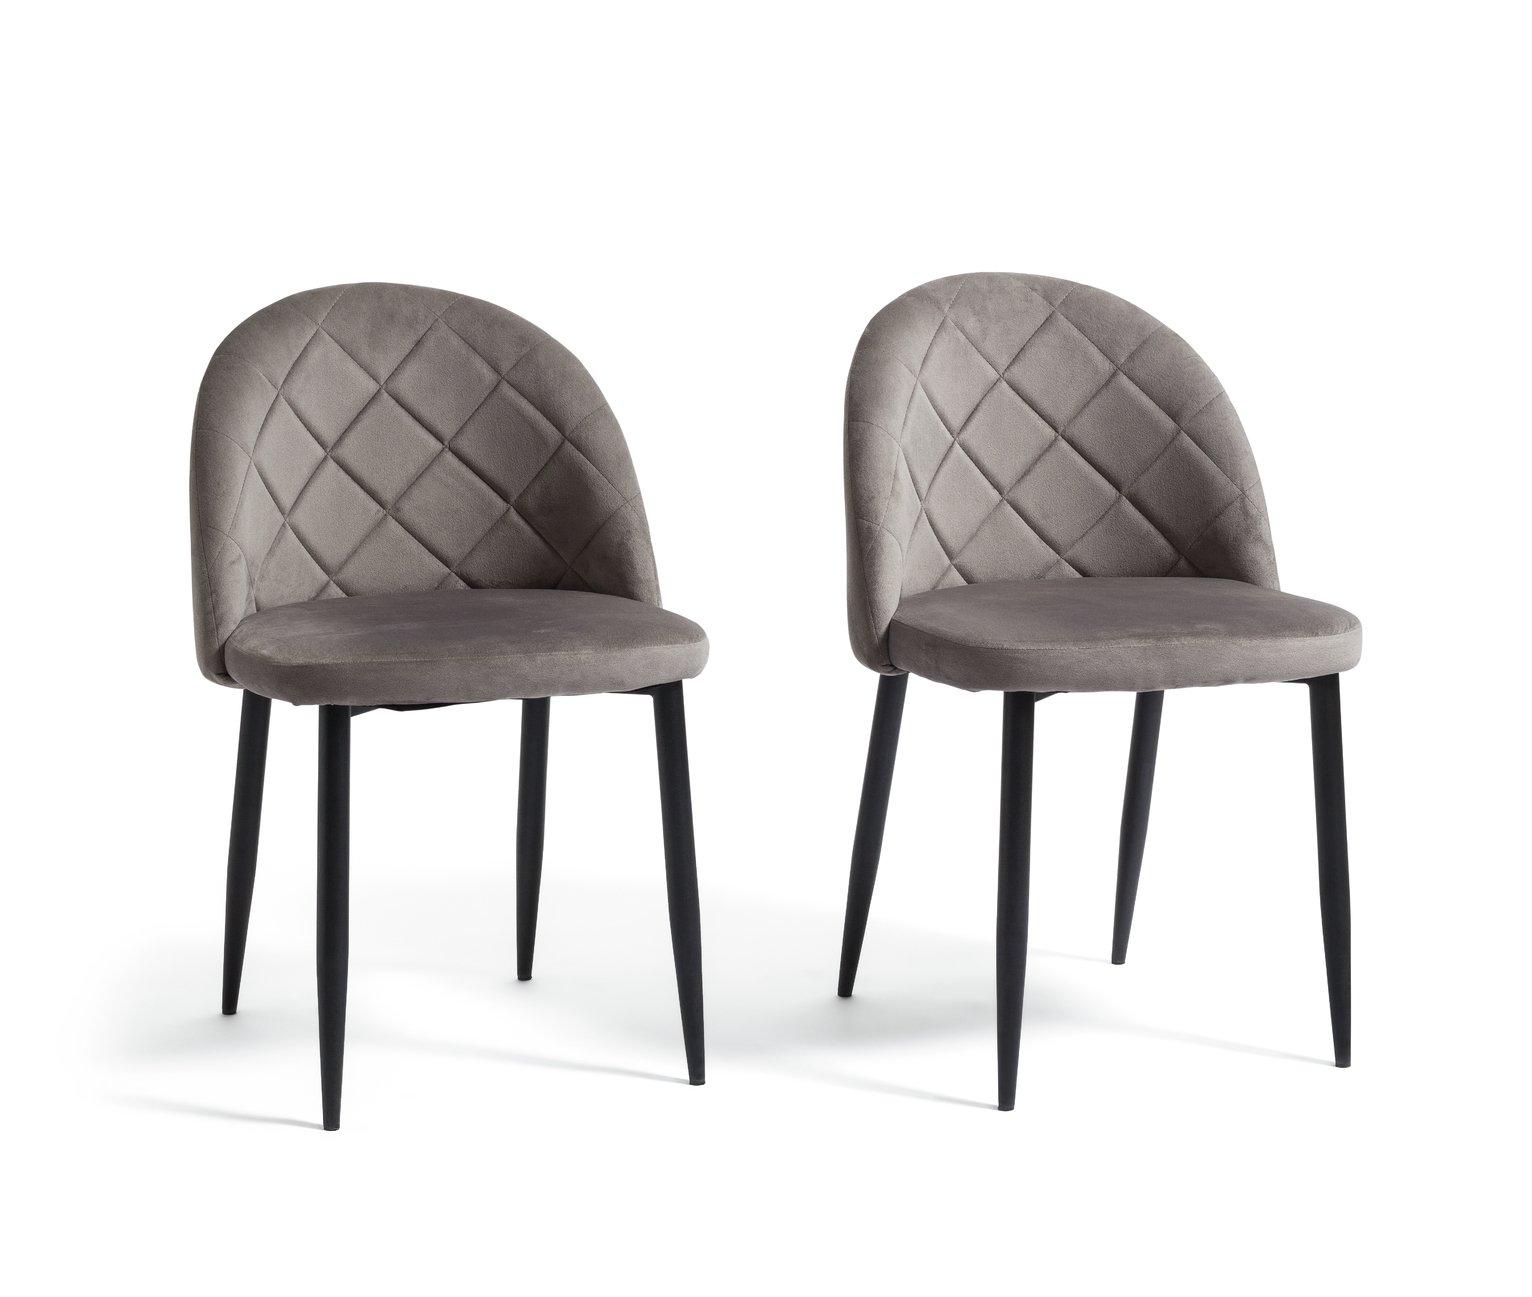 Argos Home Imogen Pair of Velvet Dining Chairs - Grey